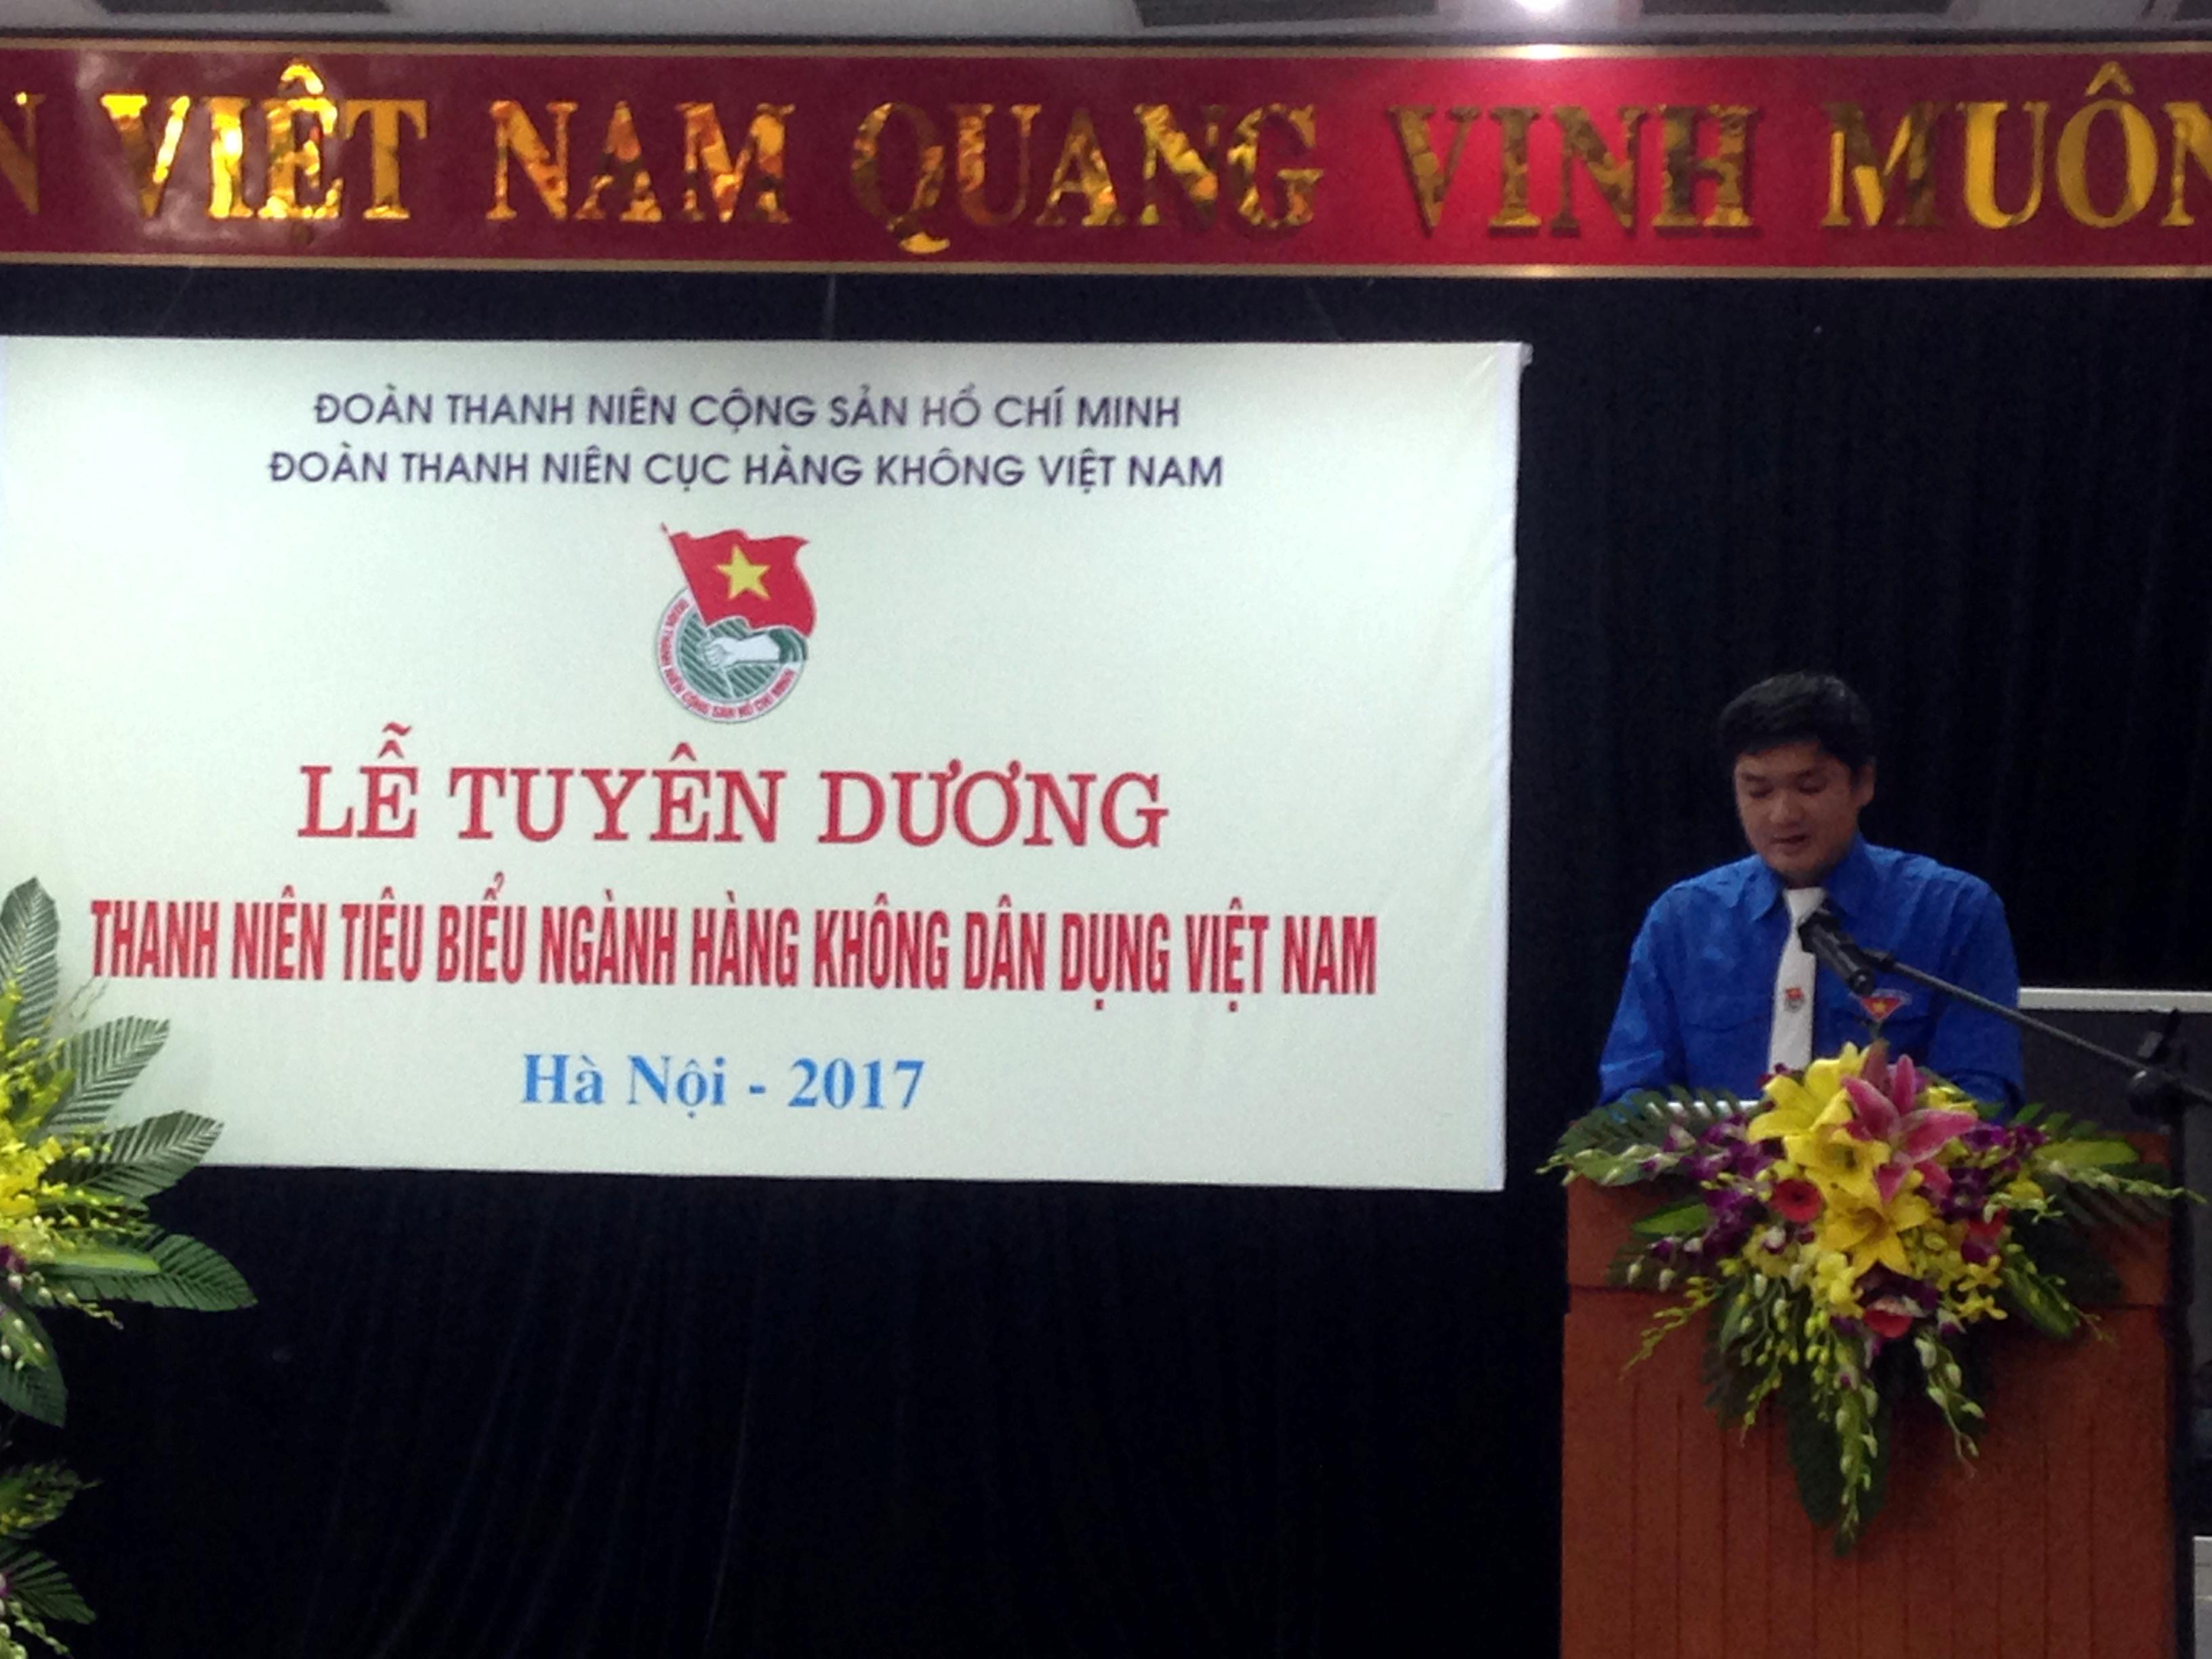 Thanh niên ưu tú Quản lý bay được nhận Giấy khen Cục trưởng Cục Hàng không Việt Nam